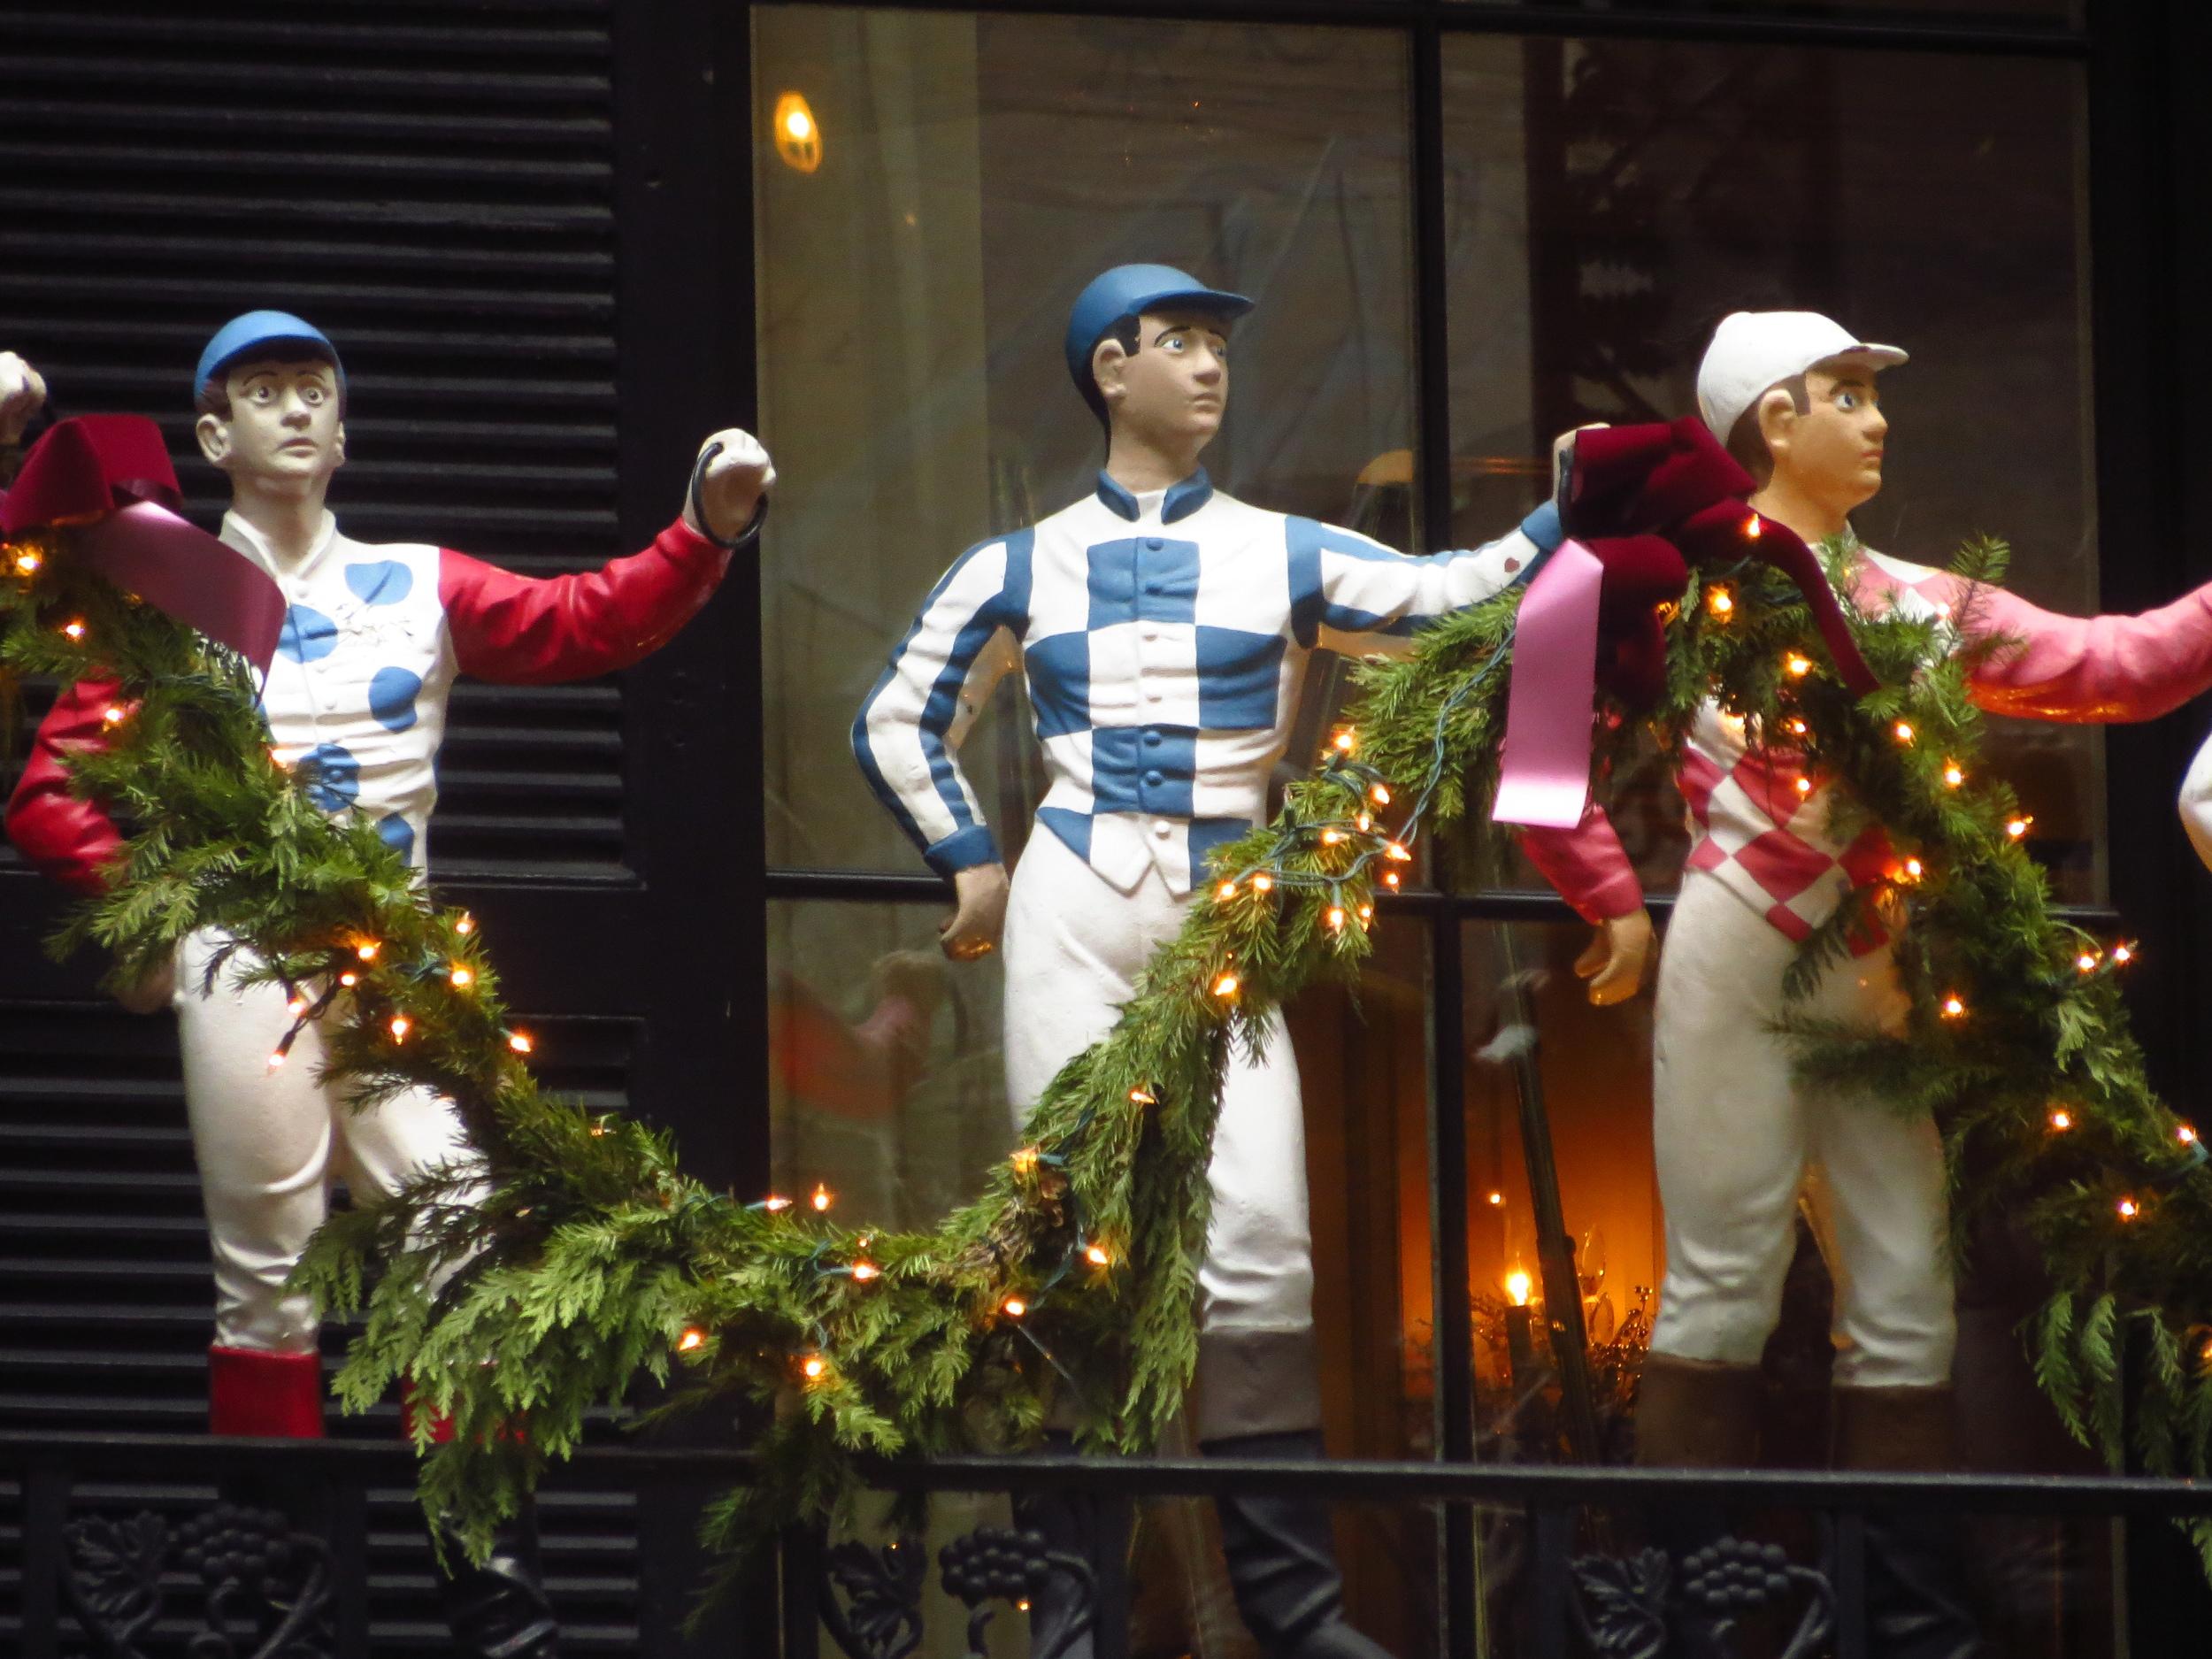 Holiday jockeys